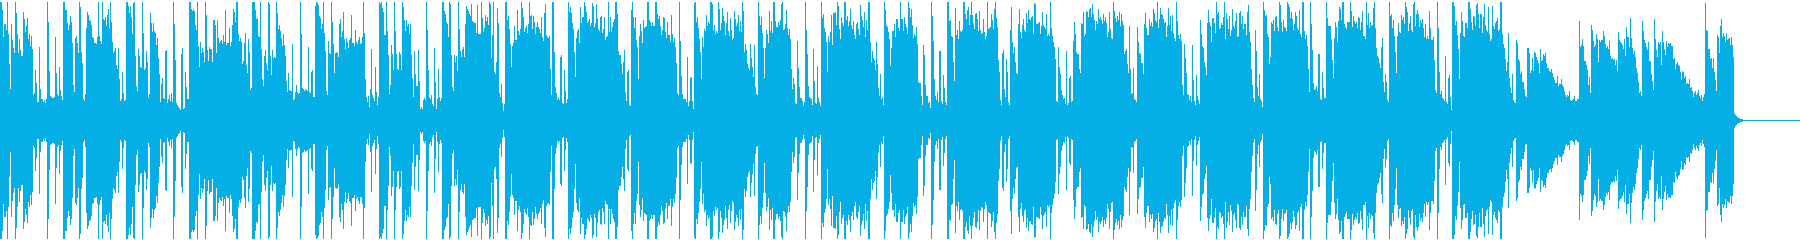 力強いおしゃれ伝統ヒップホップビートの再生済みの波形